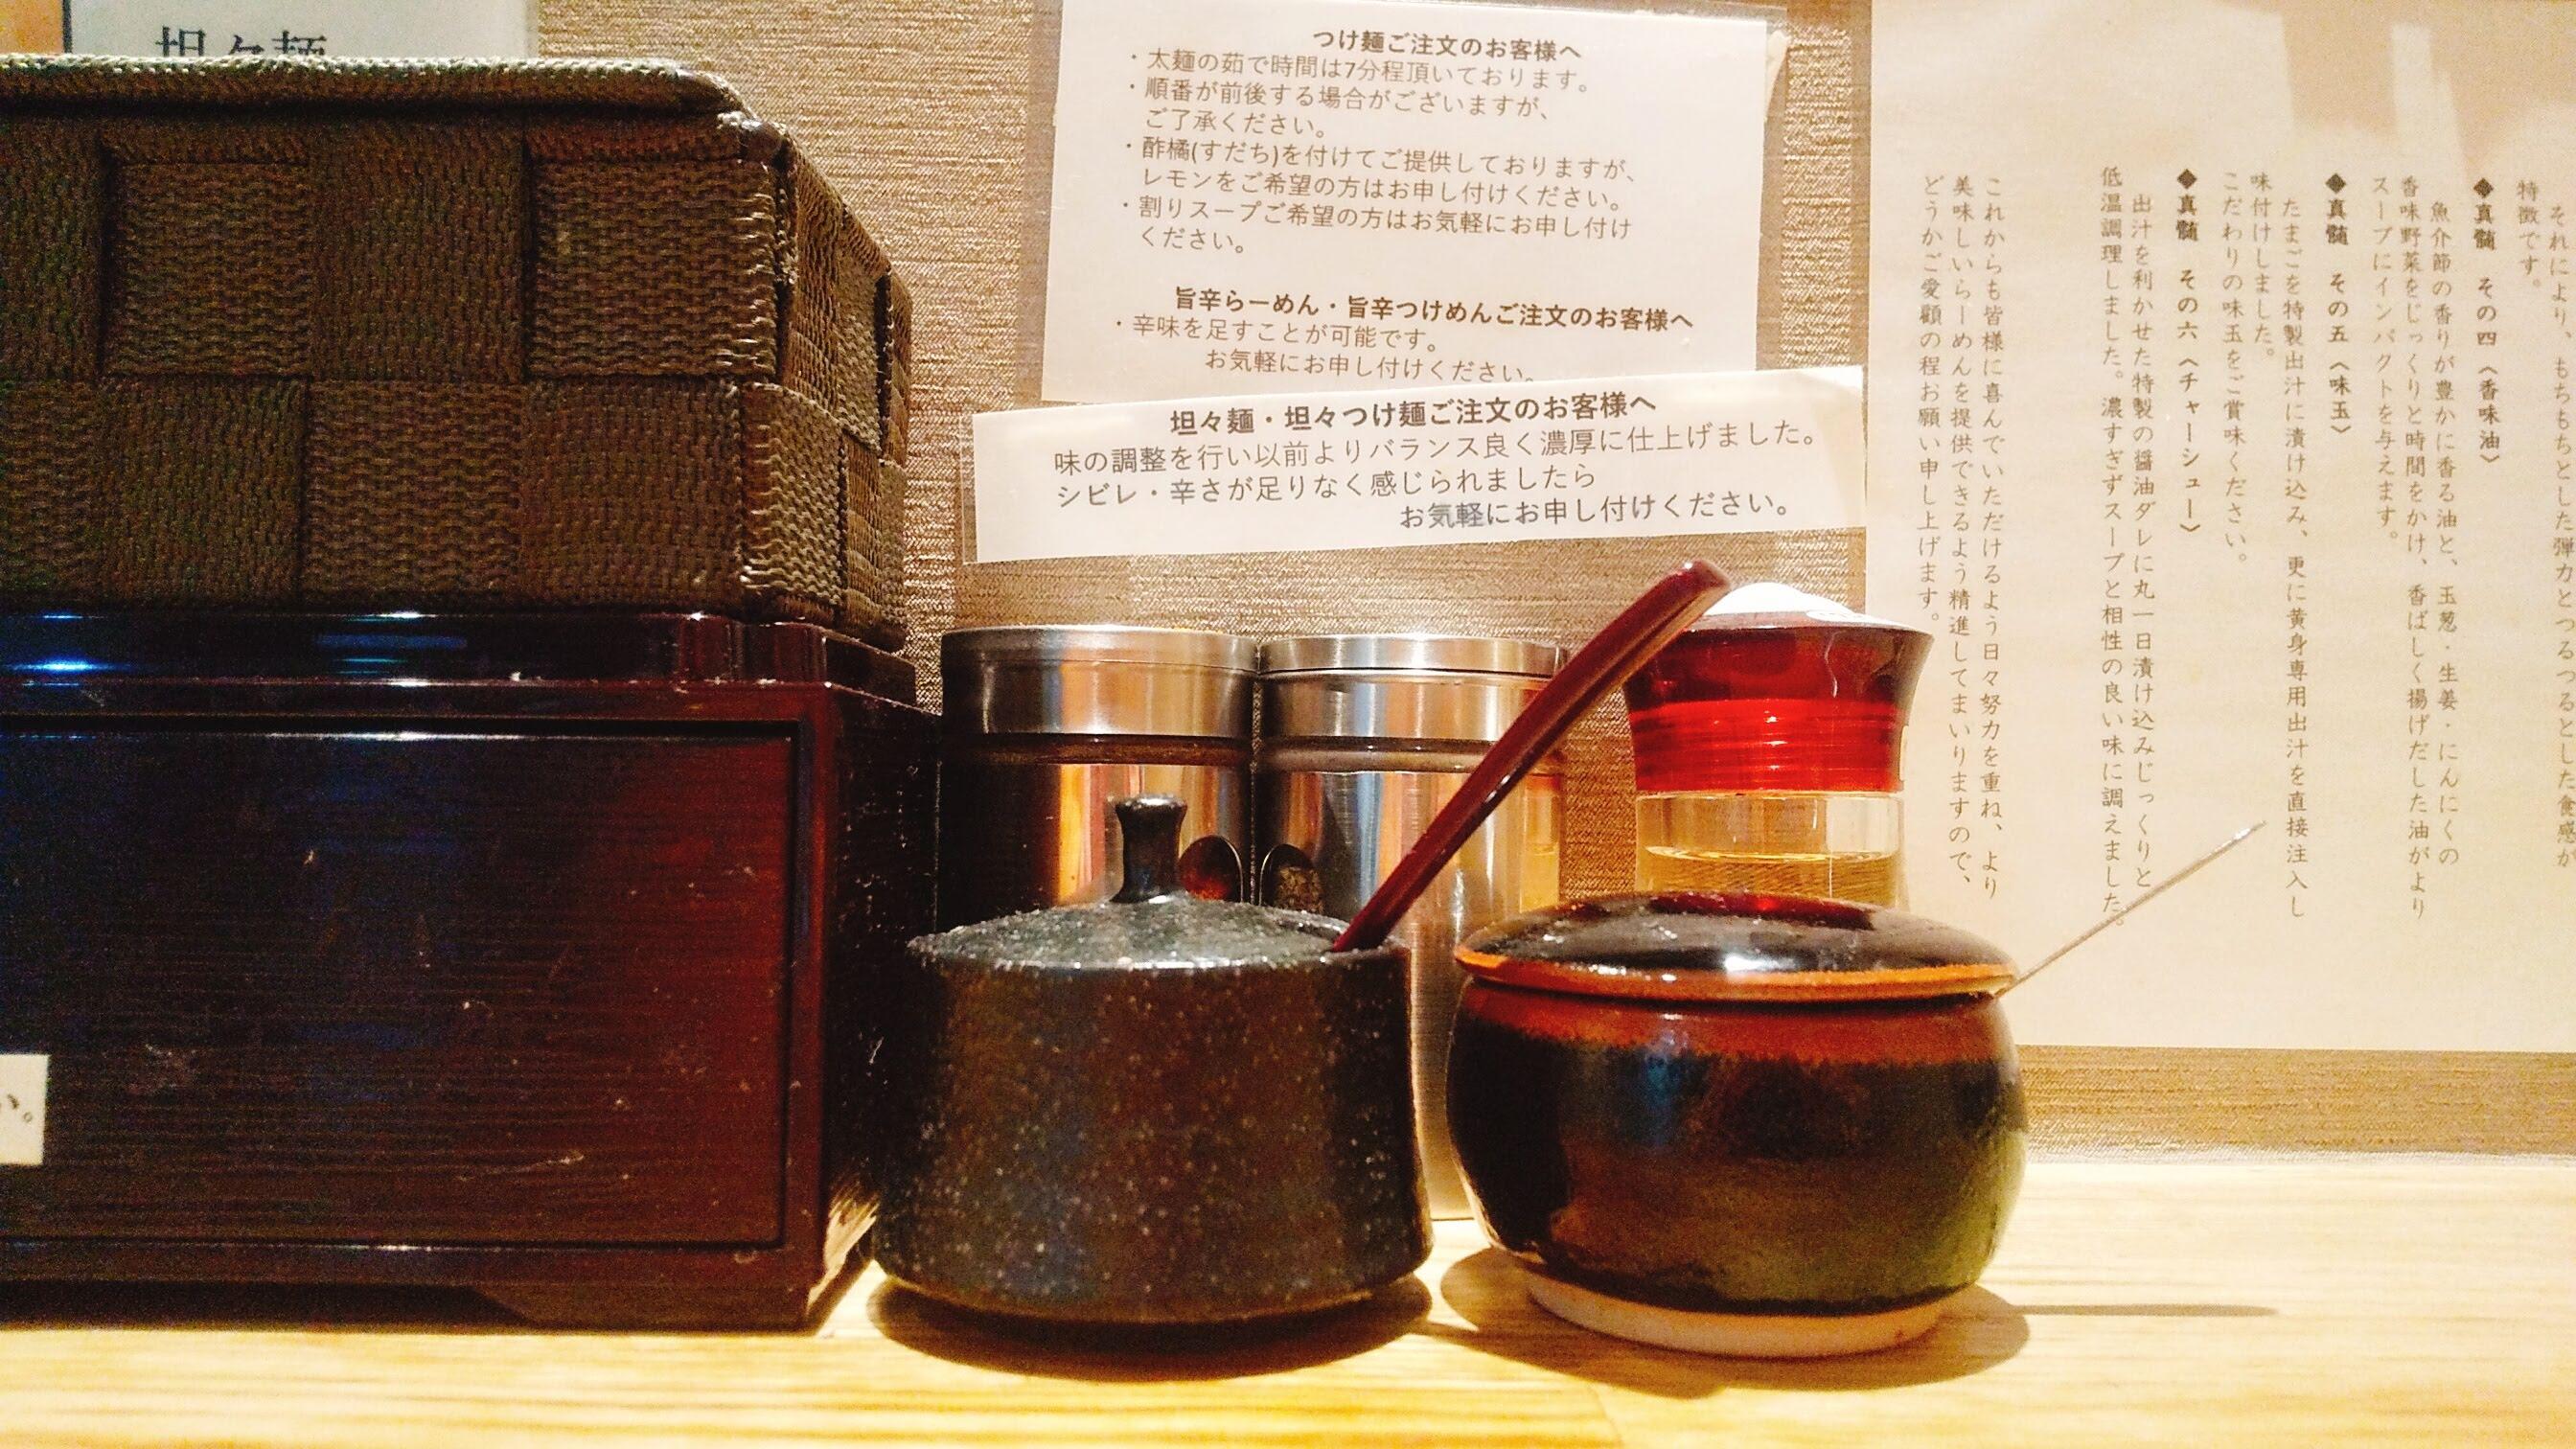 饗膳麺昌㐂の卓上調味料の写真